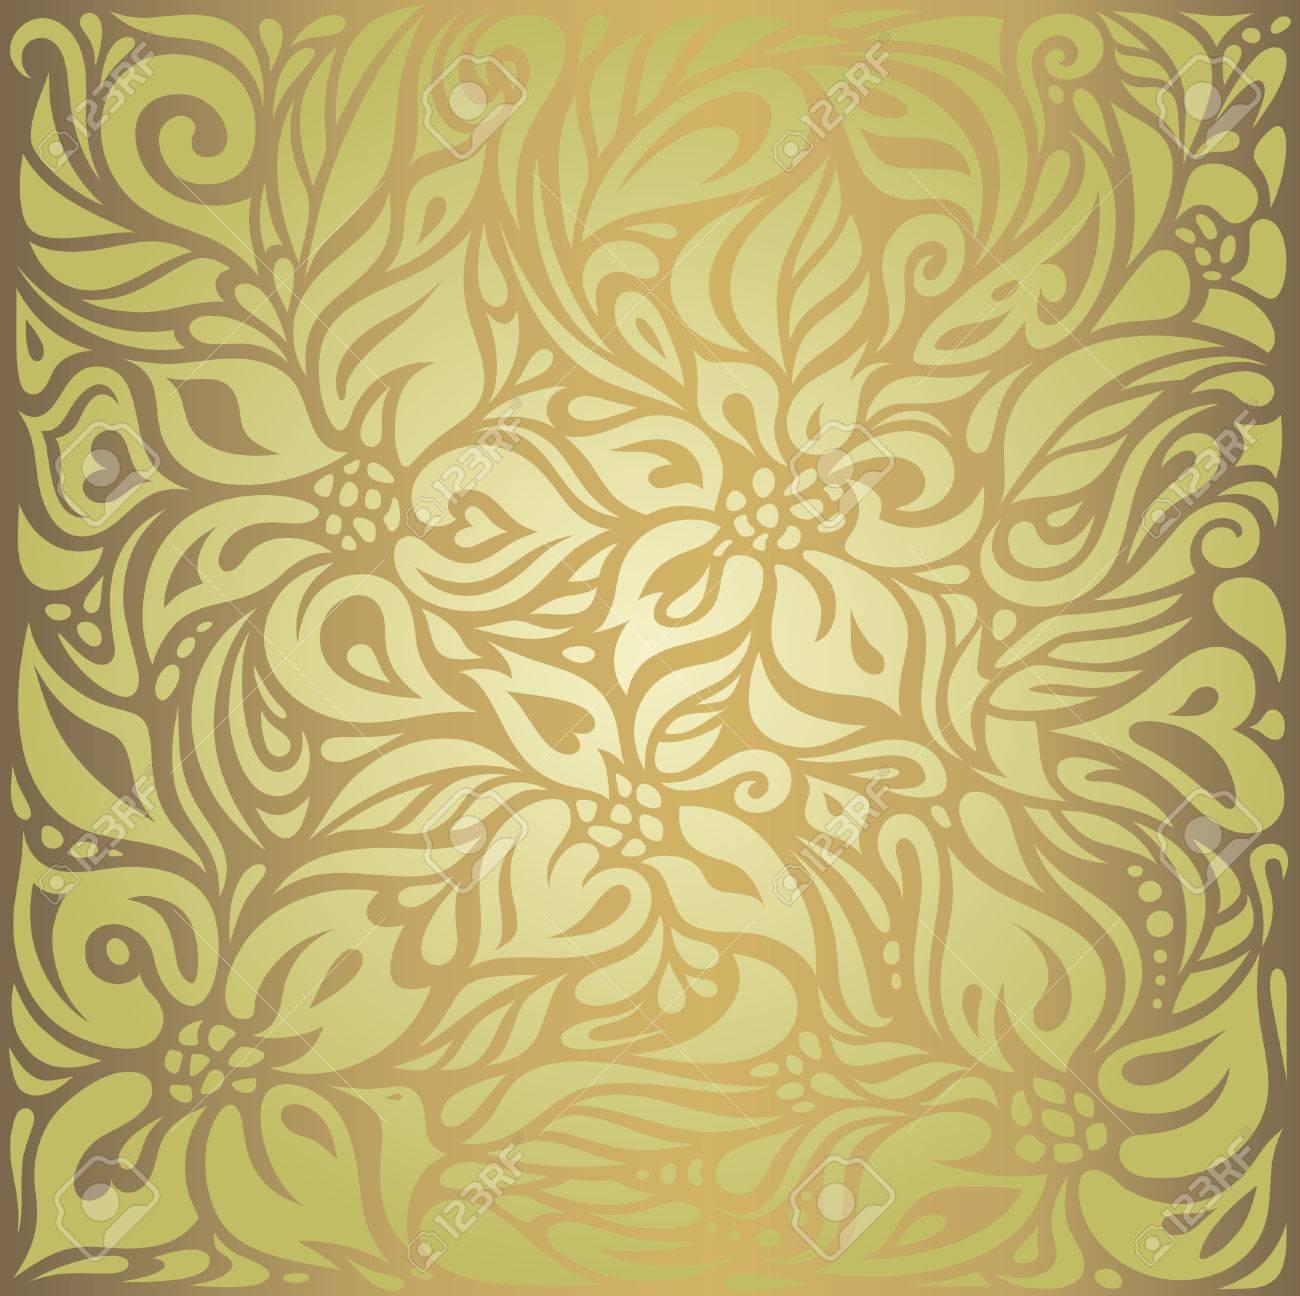 緑 茶色花柄ビンテージ ベクトルの壁紙デザインのイラスト素材